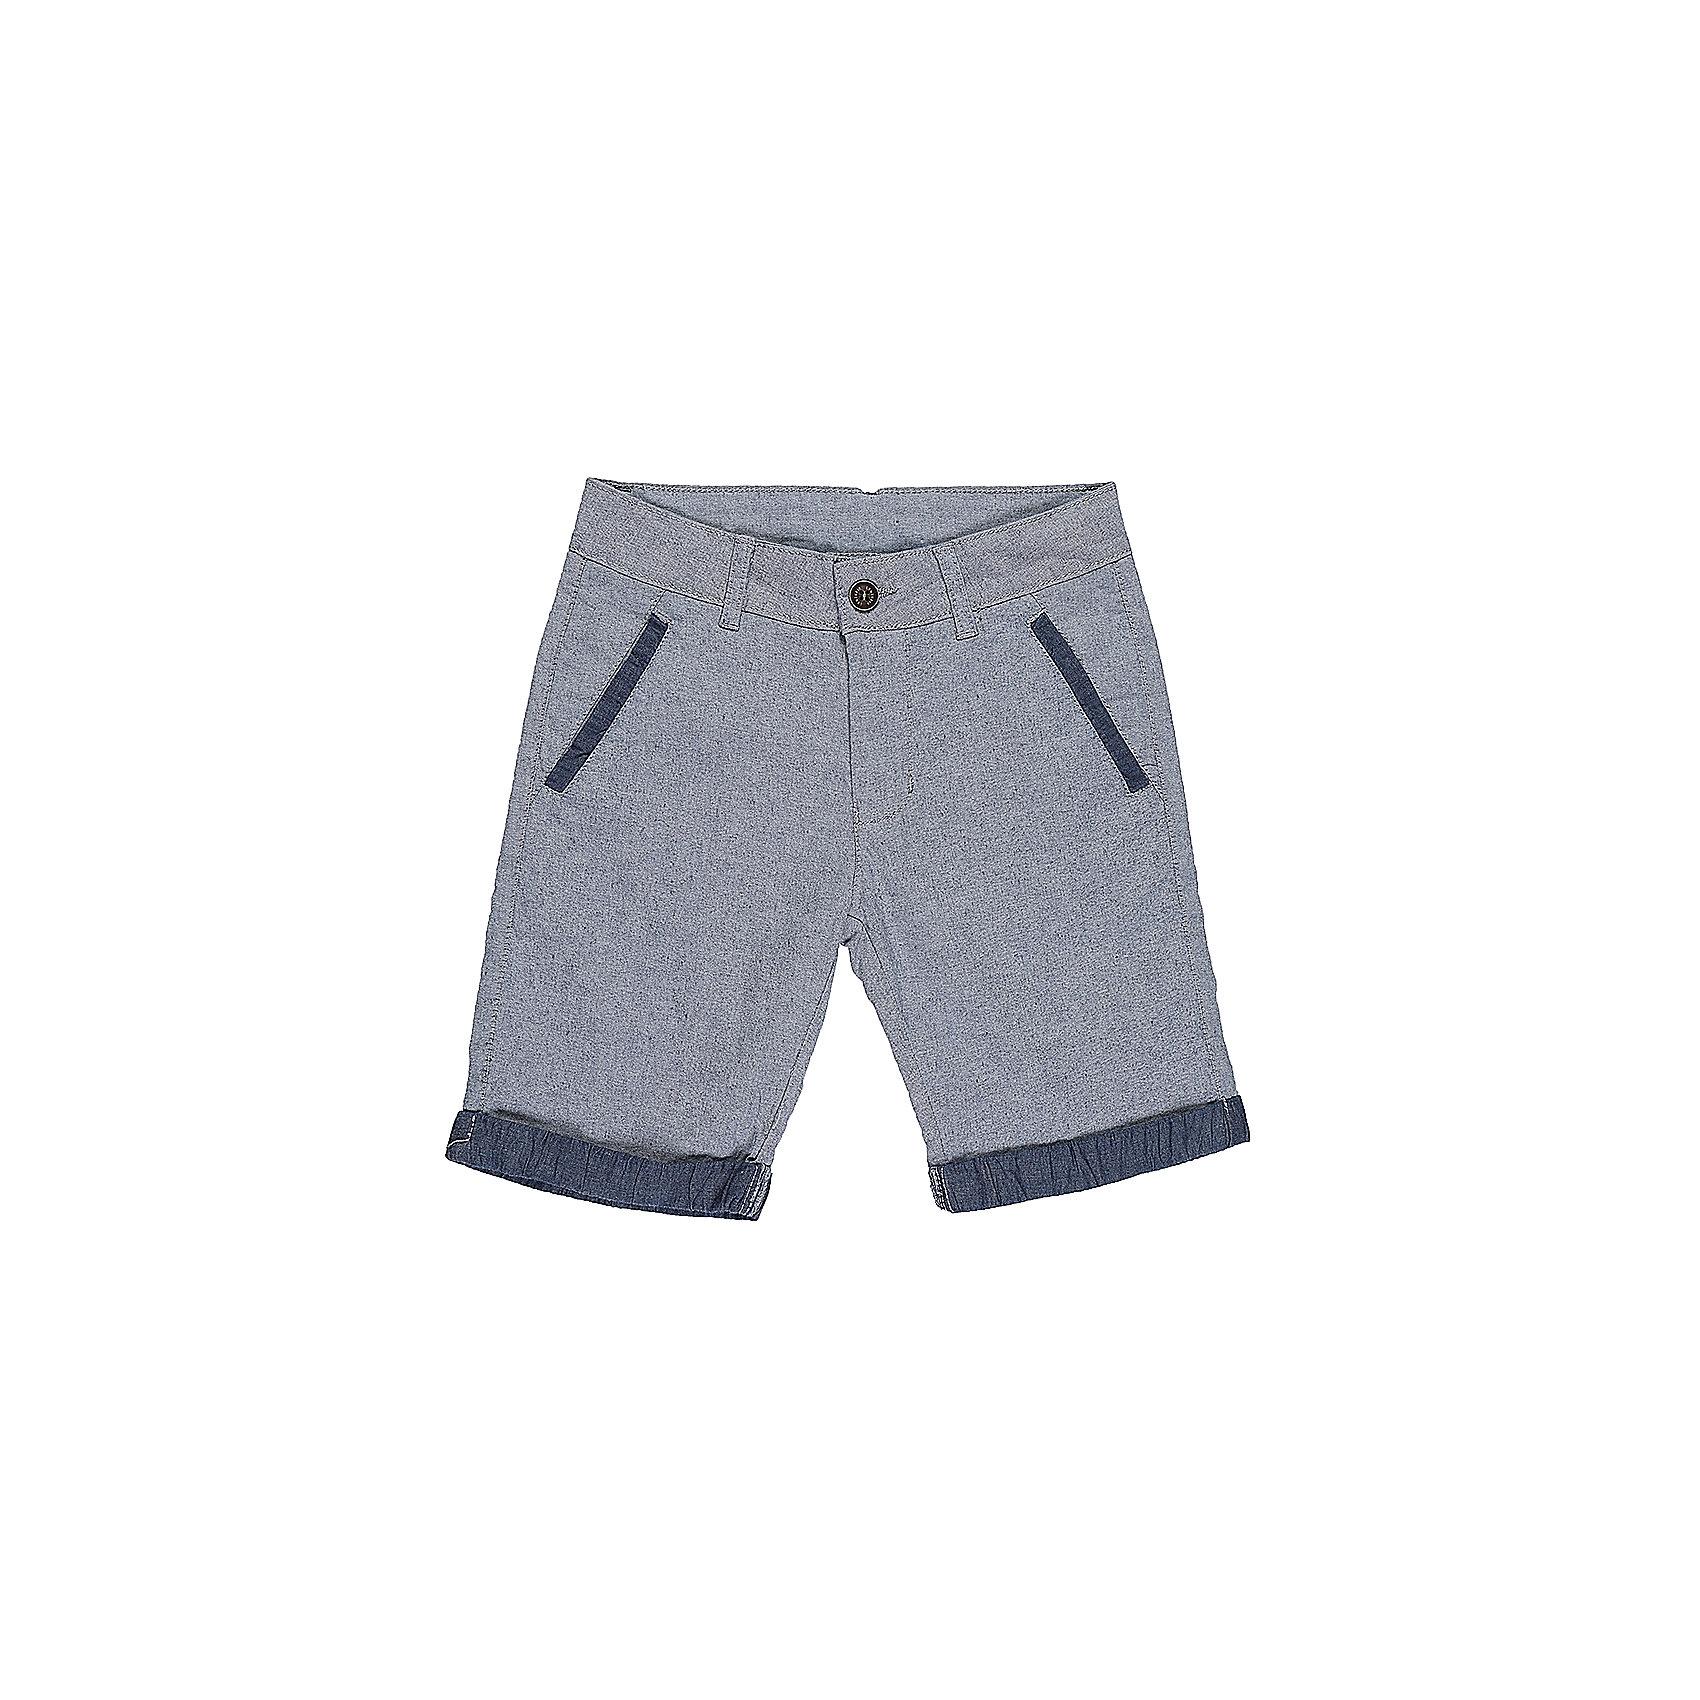 Шорты для мальчика LuminosoШорты, бриджи, капри<br>Текстильные шорты для мальчика с подворотом. Два прорезных кармана по бокам. Застегиваются на молнию и пуговицу.  В боковой части пояса находятся вшитые эластичные ленты, регулирующие посадку по талии.<br>Состав:<br>98%хлопок 2%эластан<br><br>Ширина мм: 191<br>Глубина мм: 10<br>Высота мм: 175<br>Вес г: 273<br>Цвет: голубой<br>Возраст от месяцев: 108<br>Возраст до месяцев: 120<br>Пол: Мужской<br>Возраст: Детский<br>Размер: 140,134,164,158,152,146<br>SKU: 5413781